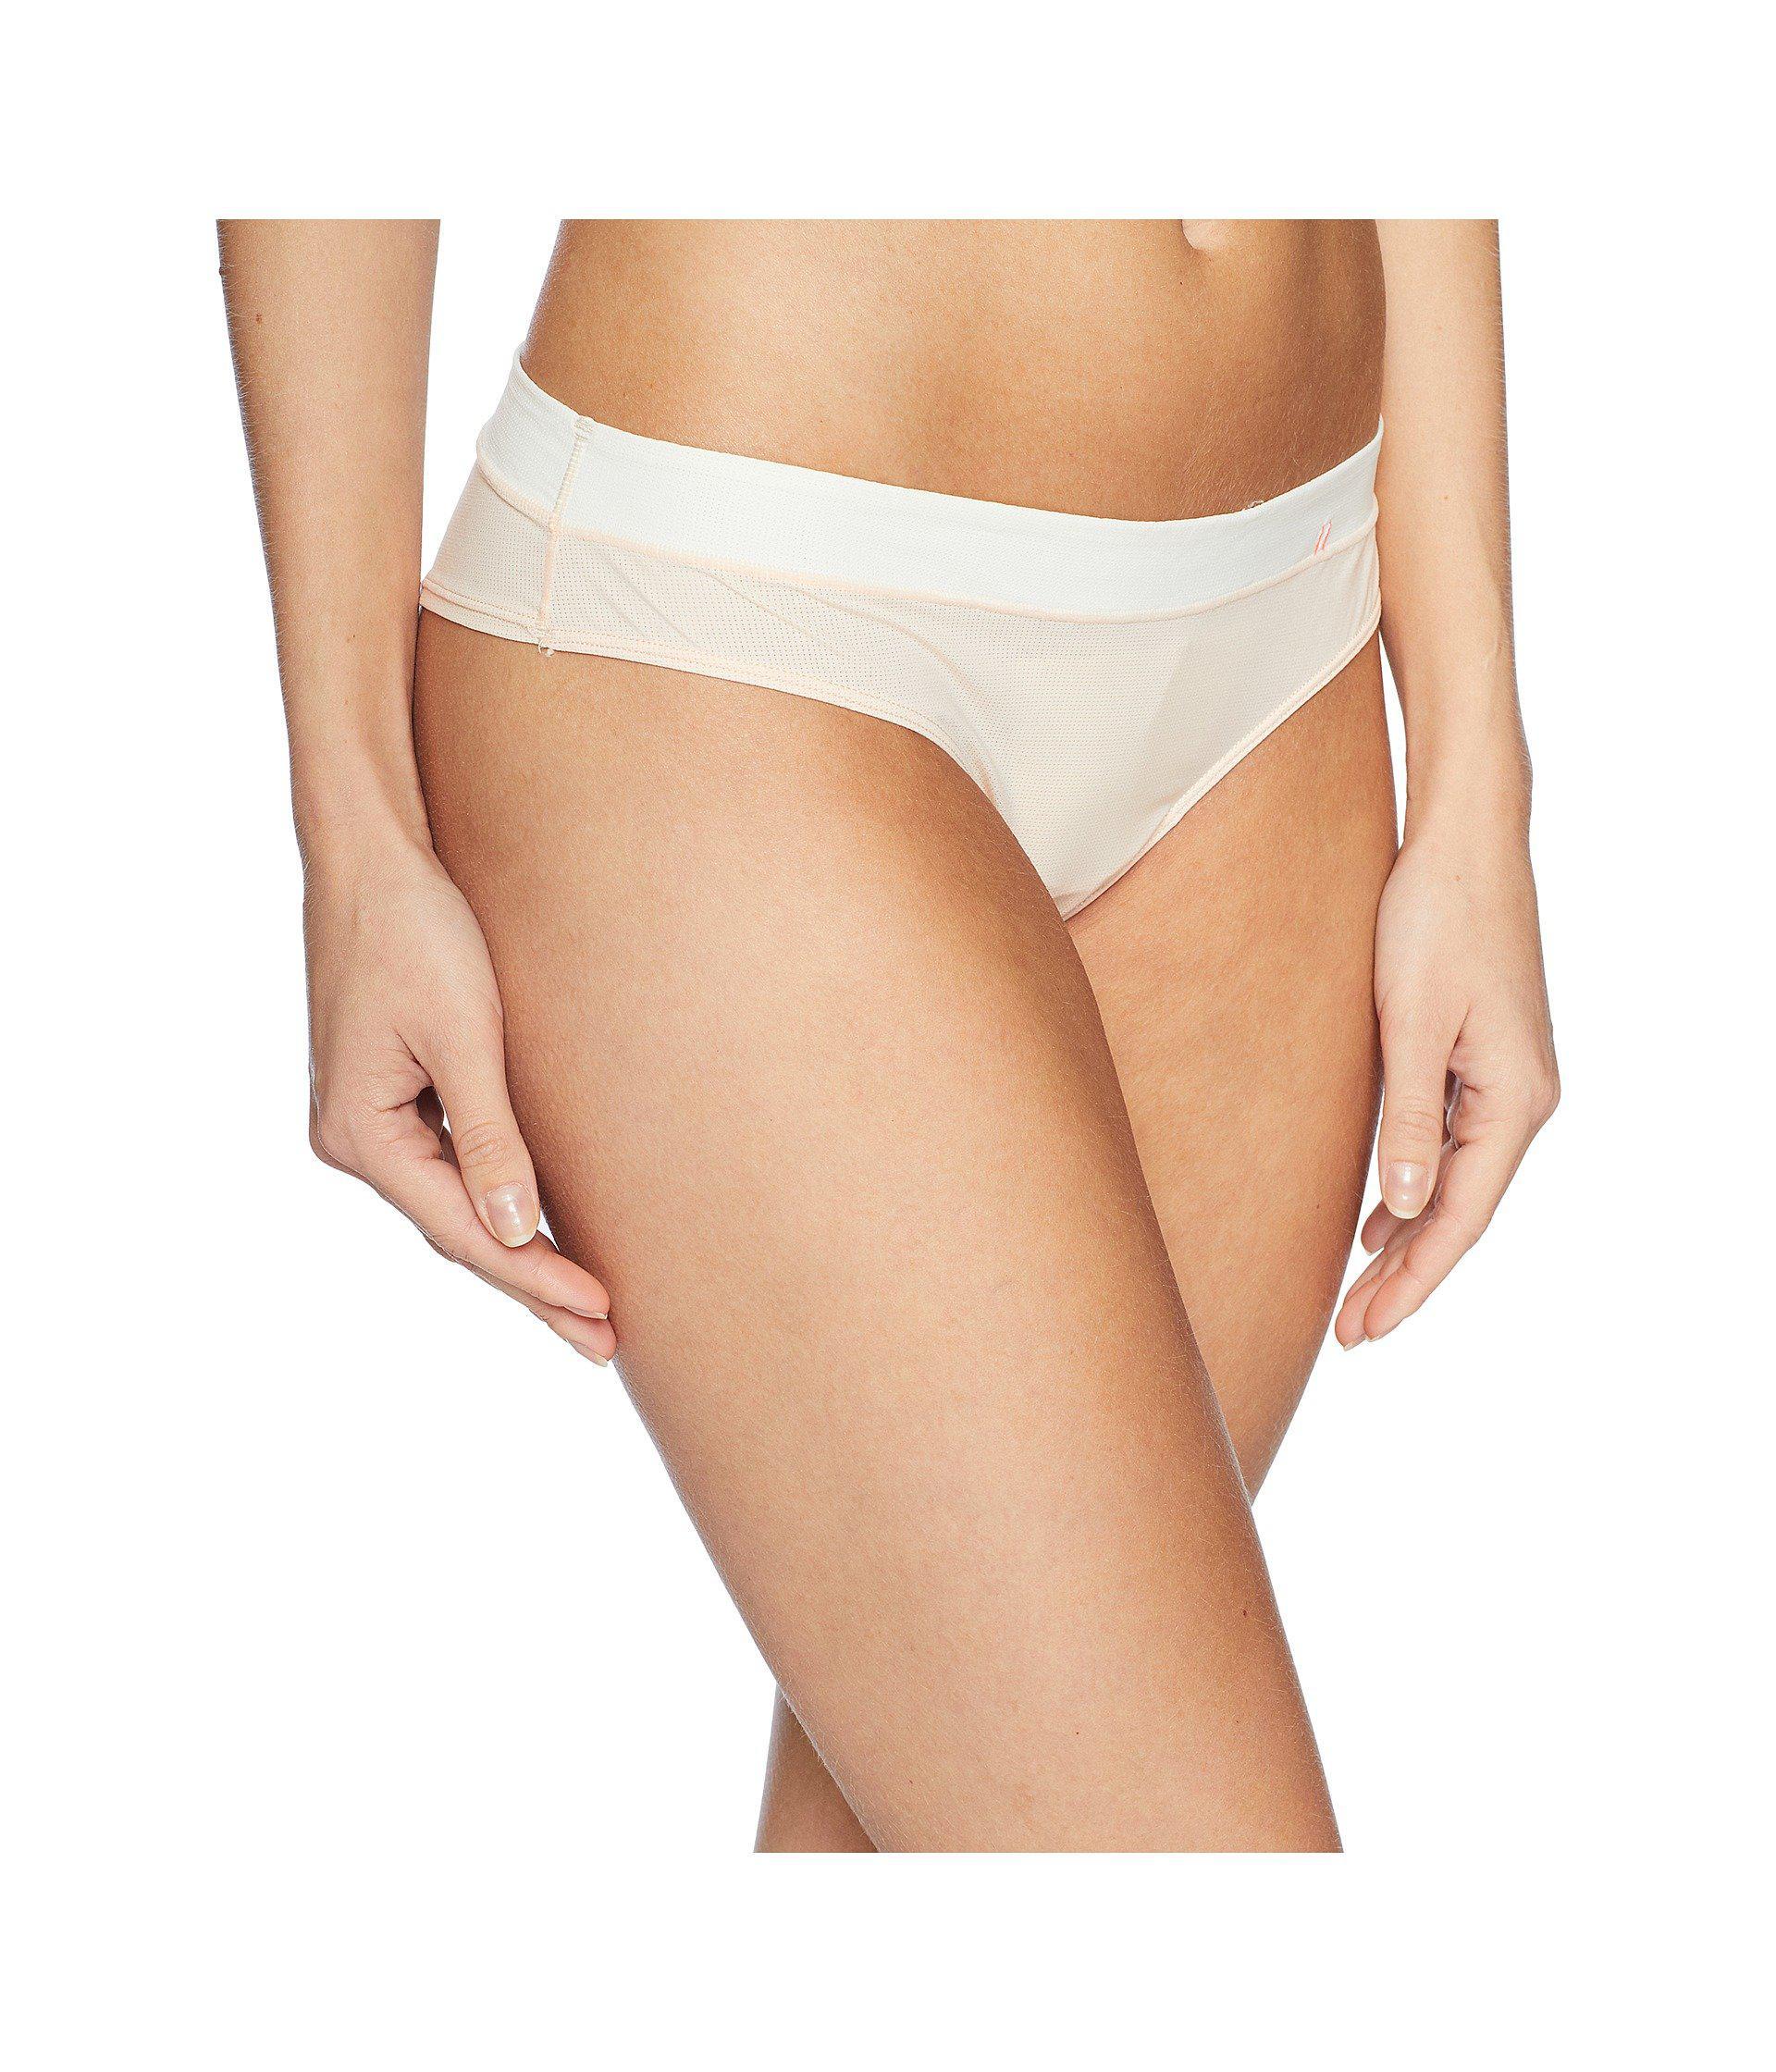 392faf6bdbb28 Stance Cheeky Nylon (midnight) Women's Underwear - Lyst